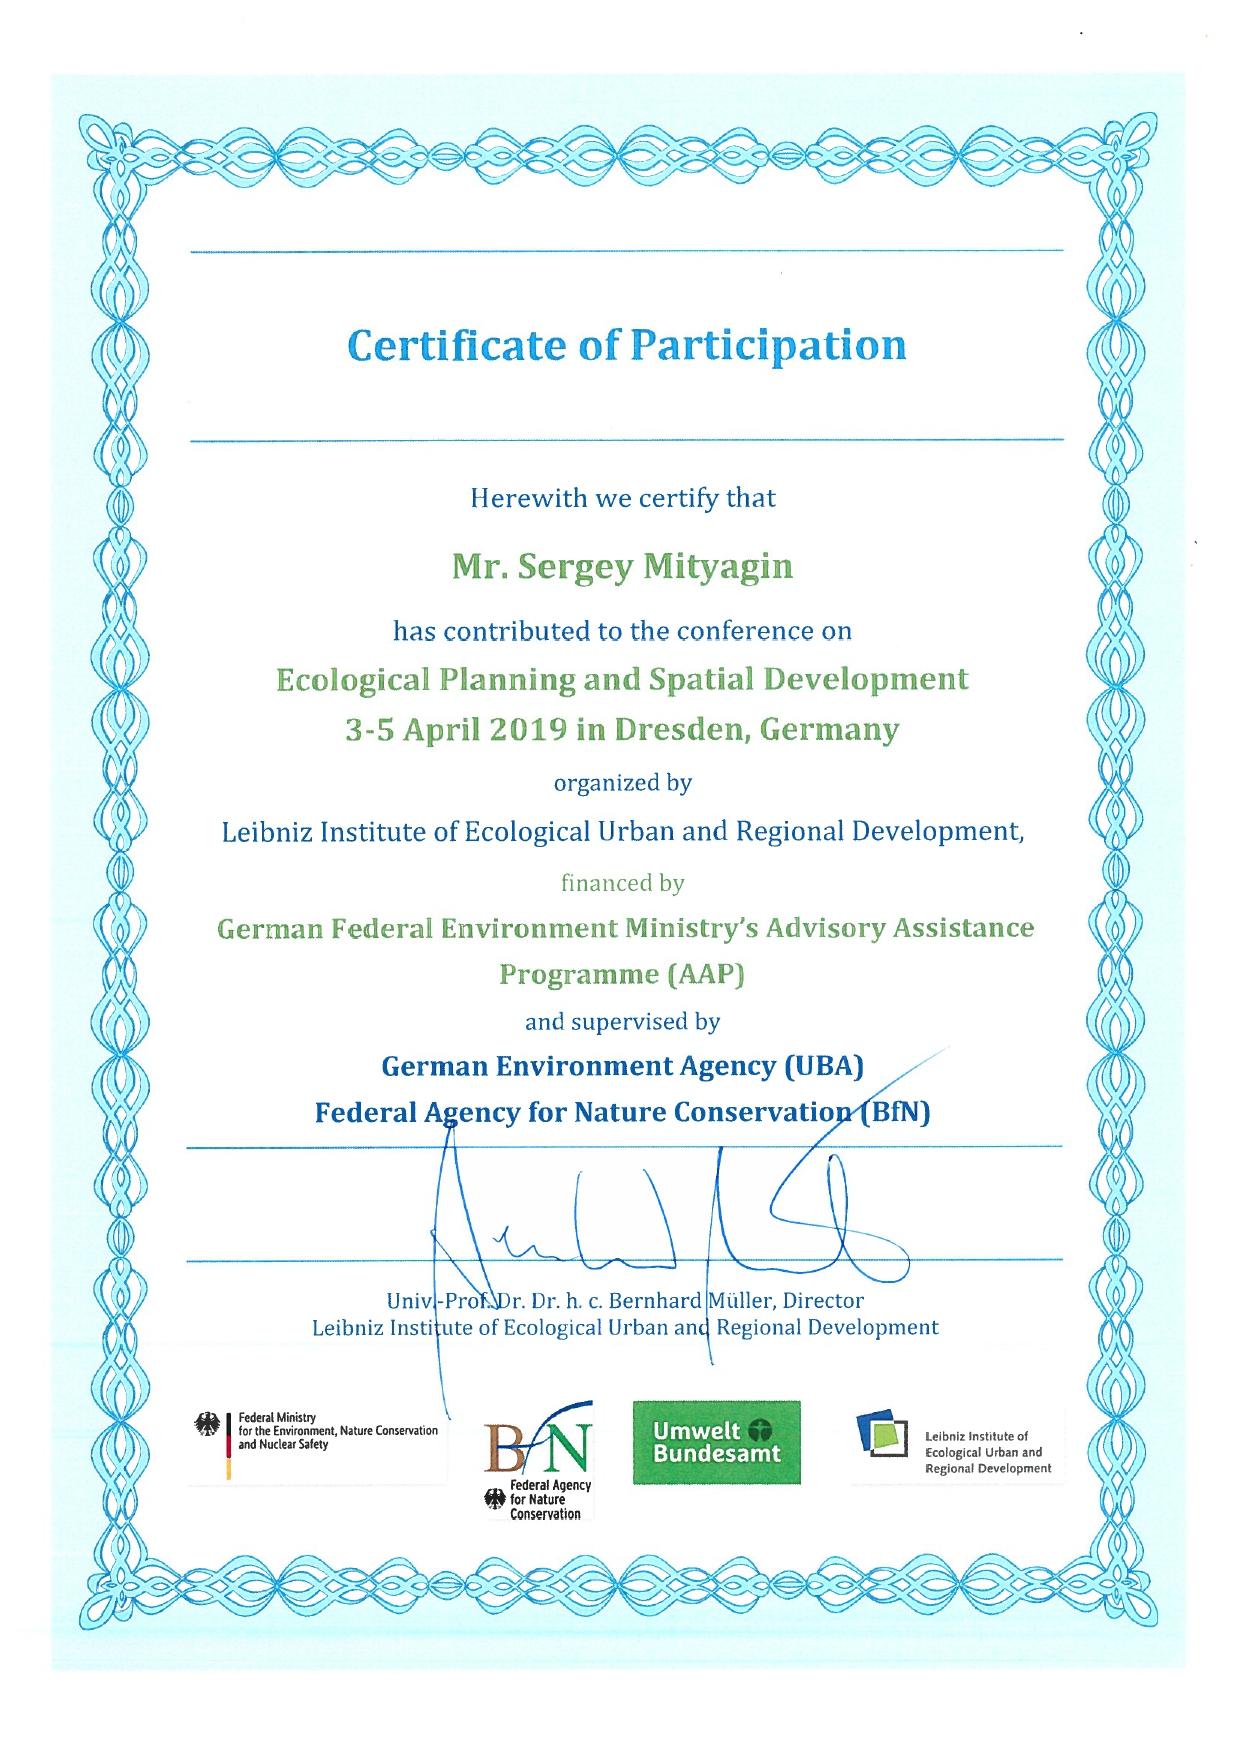 Сертификат участия Митягин